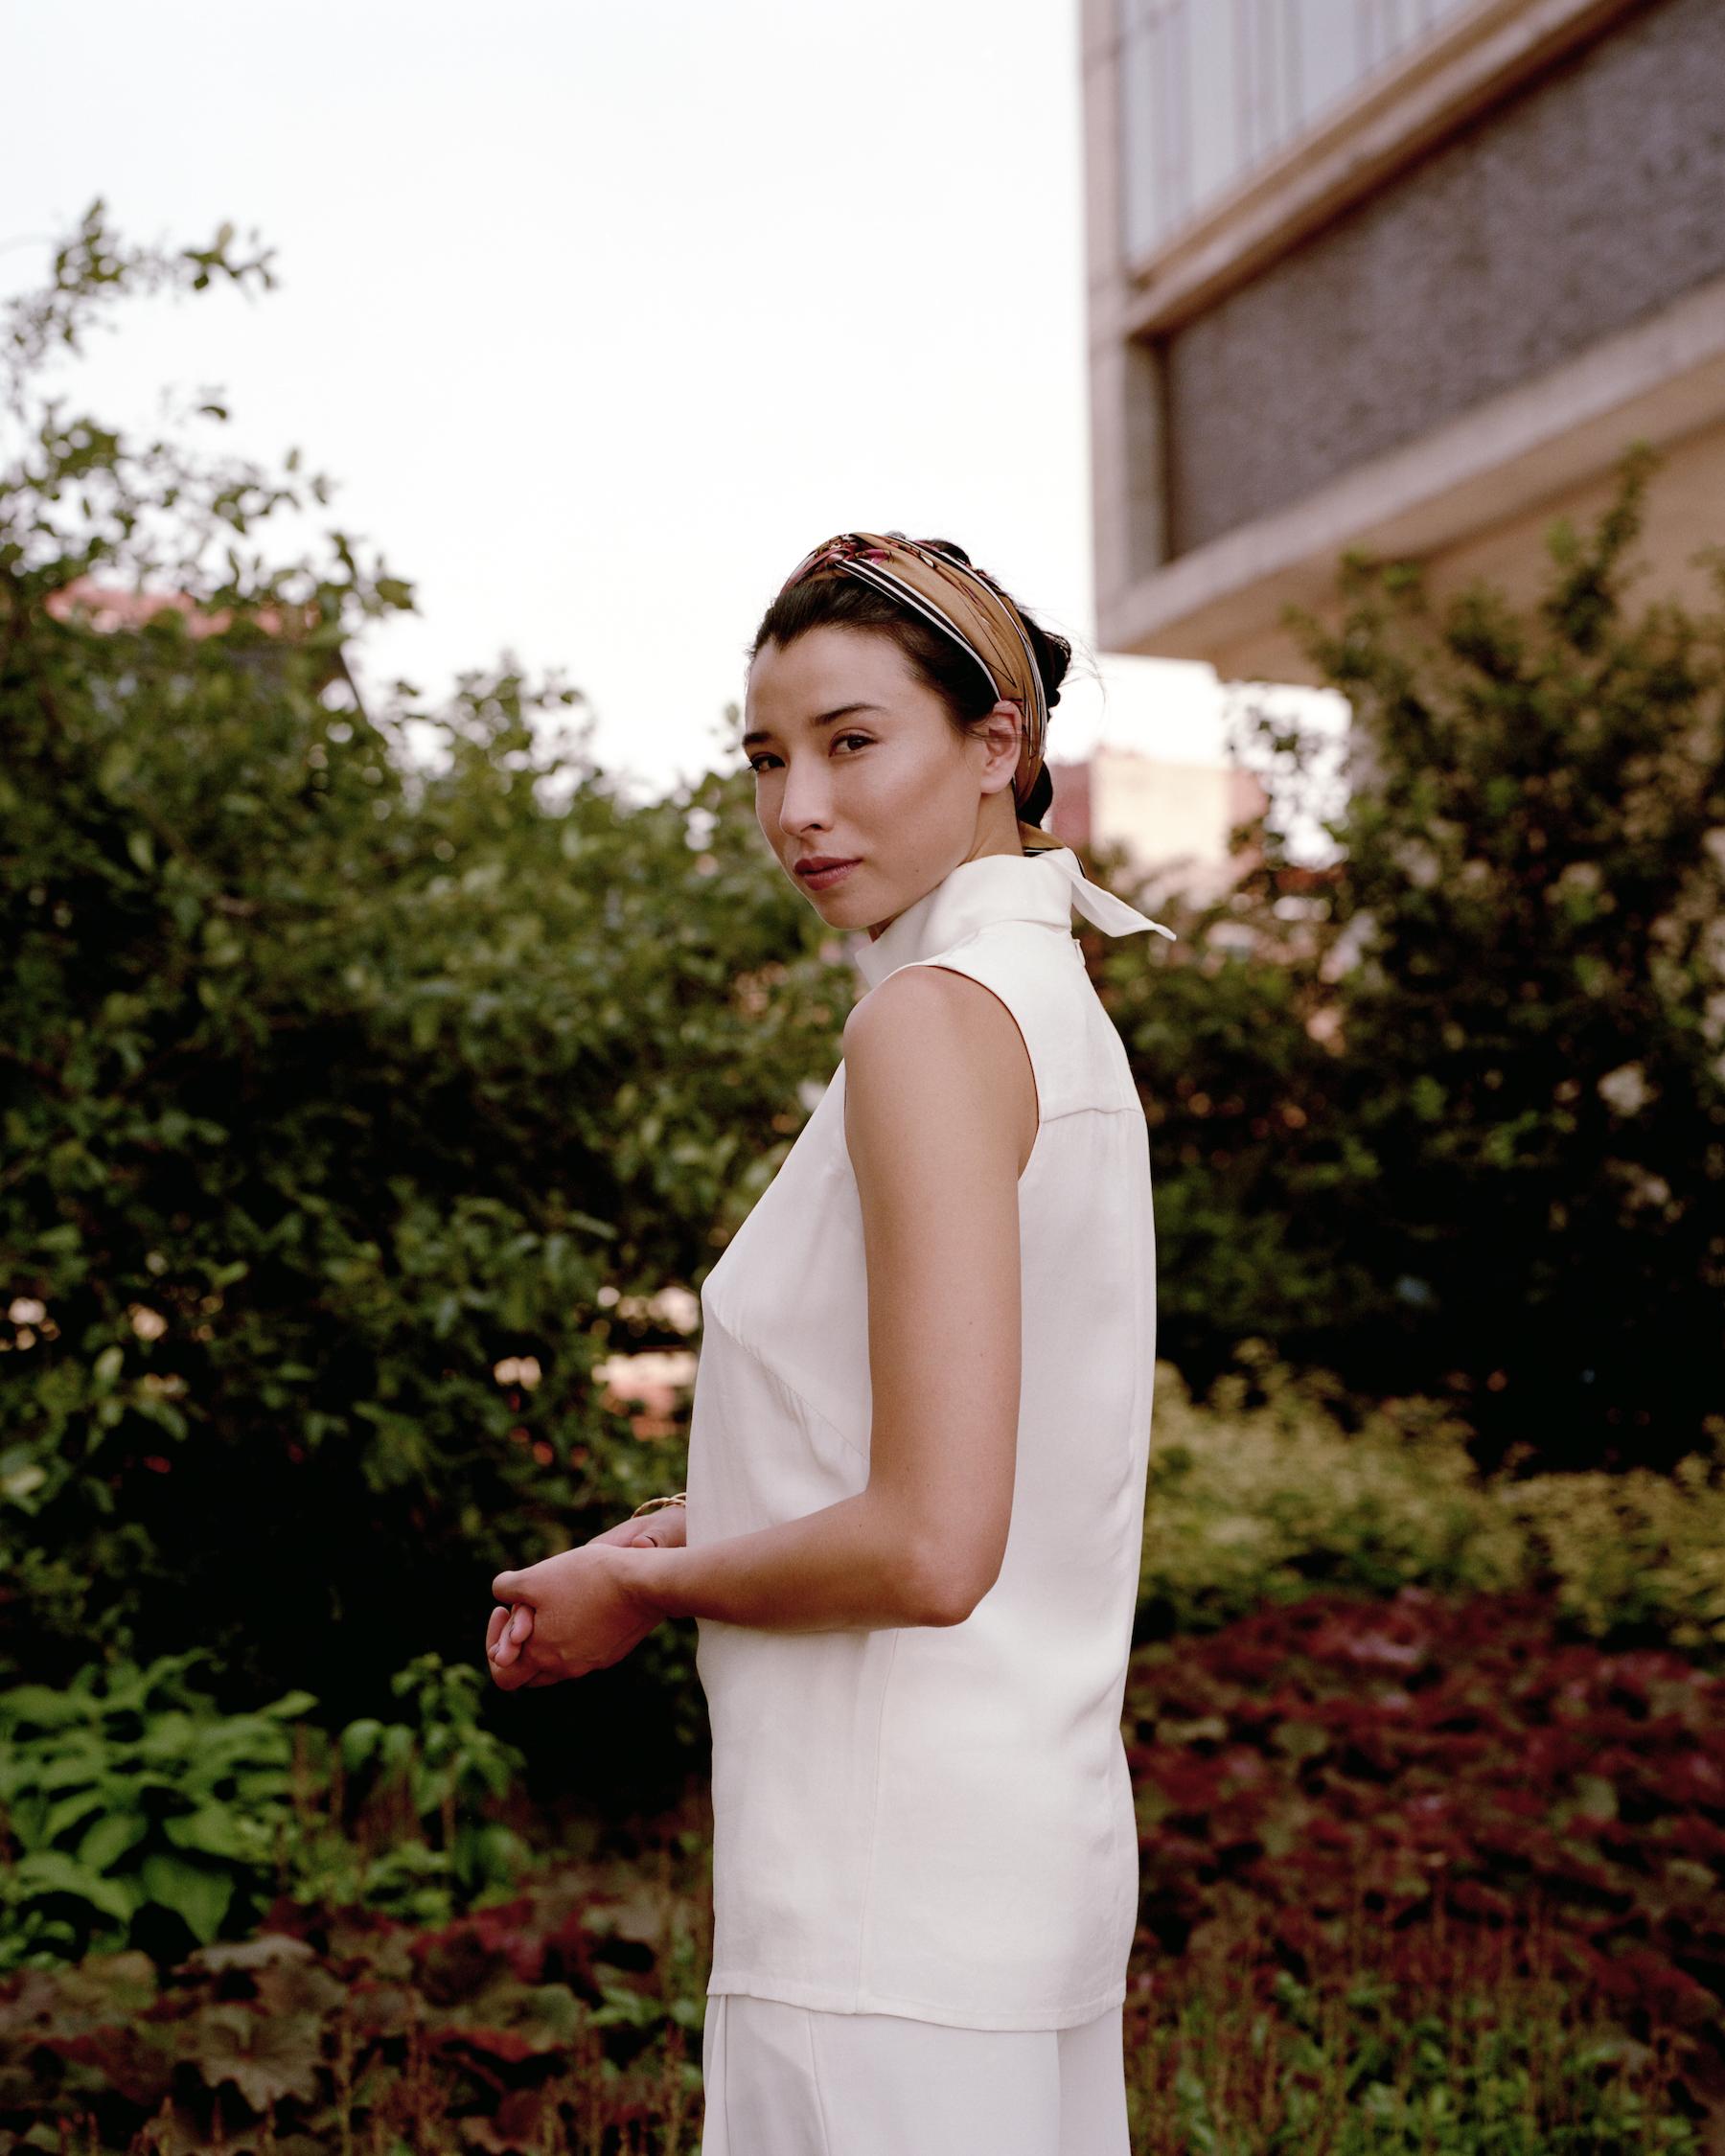 Lily Kwong, Landscape designer